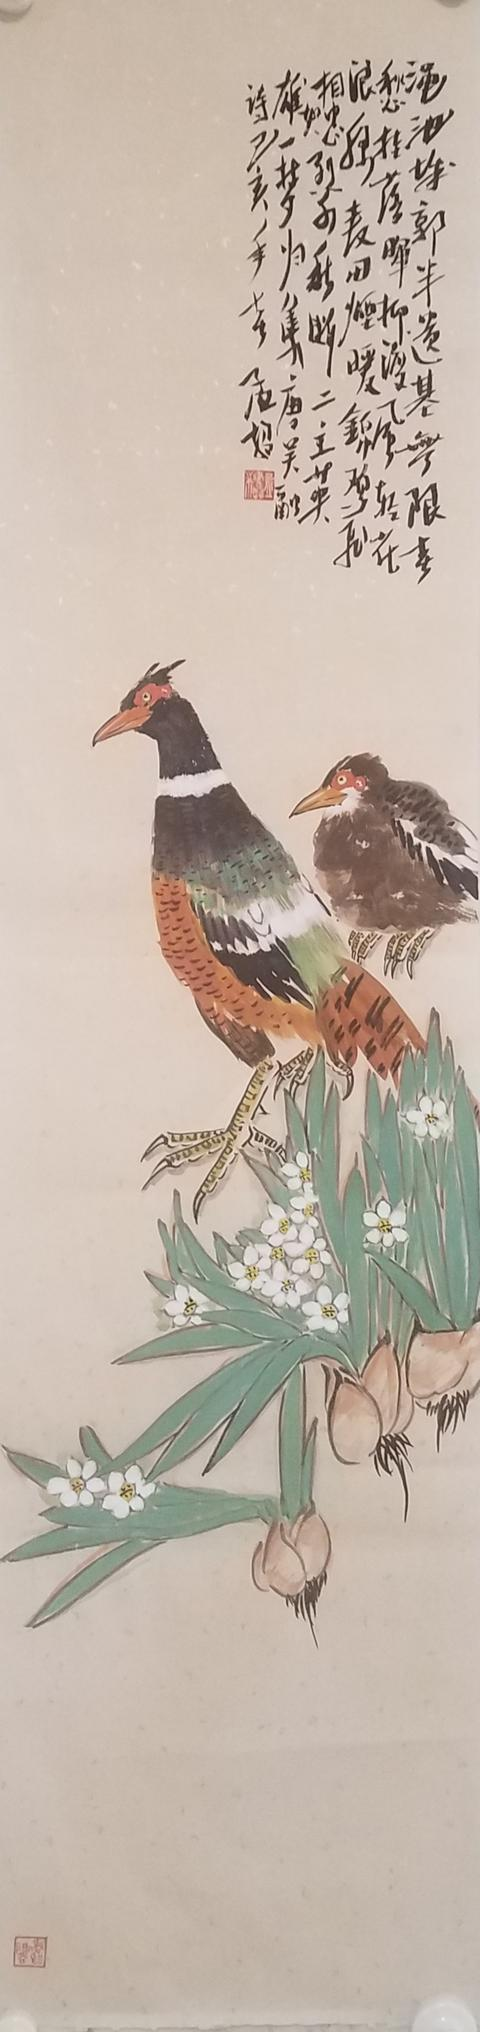 形神兼备 雅俗共赏——品读孟超花鸟画艺术